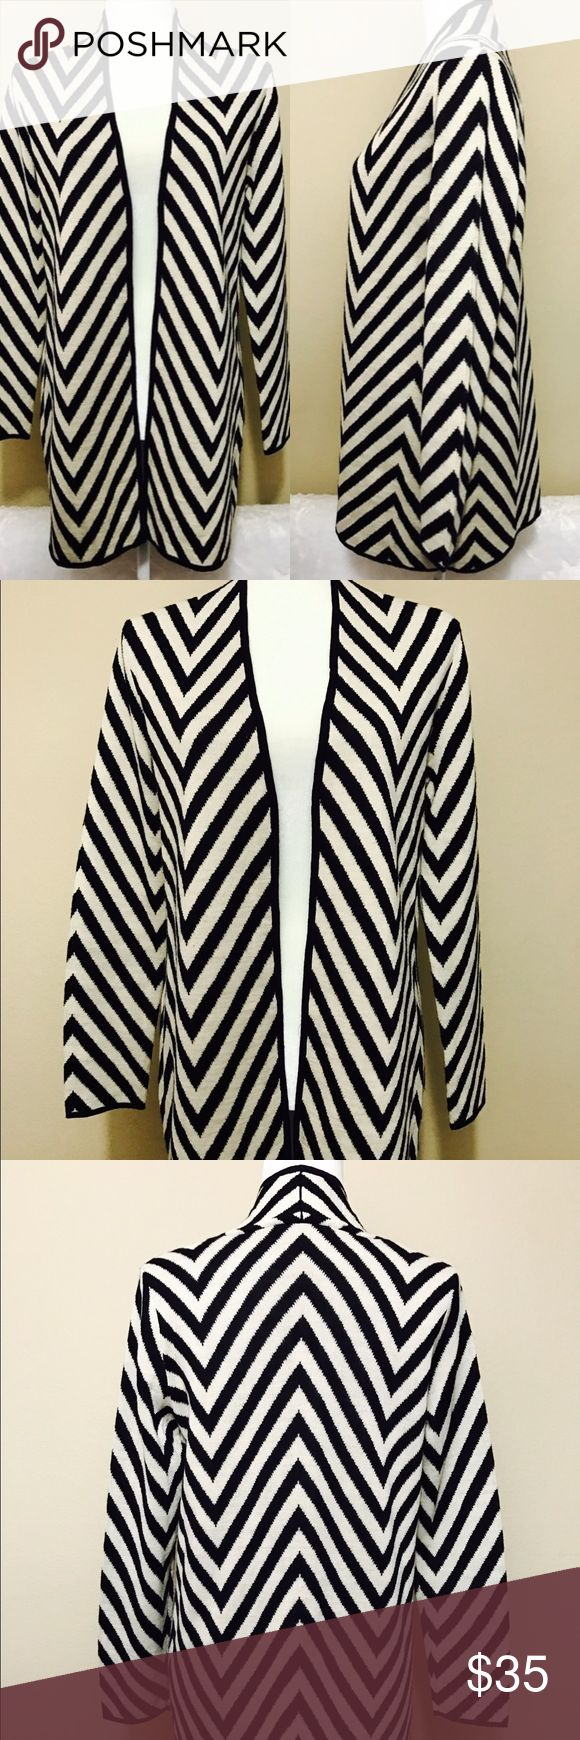 Kasper striped chevron open front cardigan Great condition Kasper Sweaters